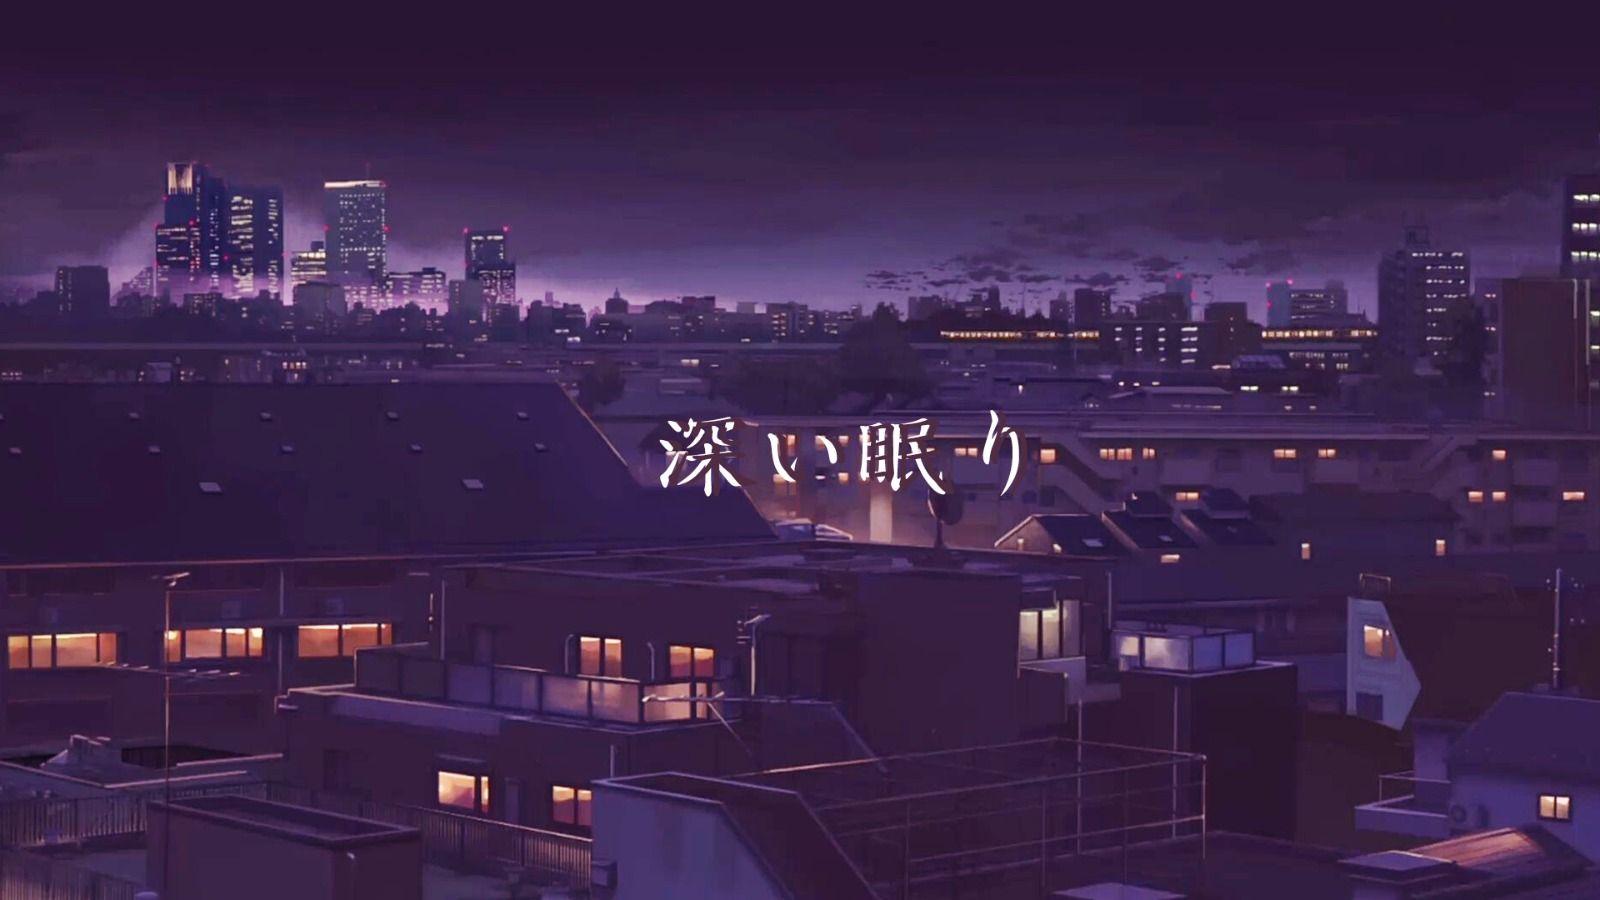 Una Noche Mas Lofi Hip Hop By フムイん From Tajome Listen